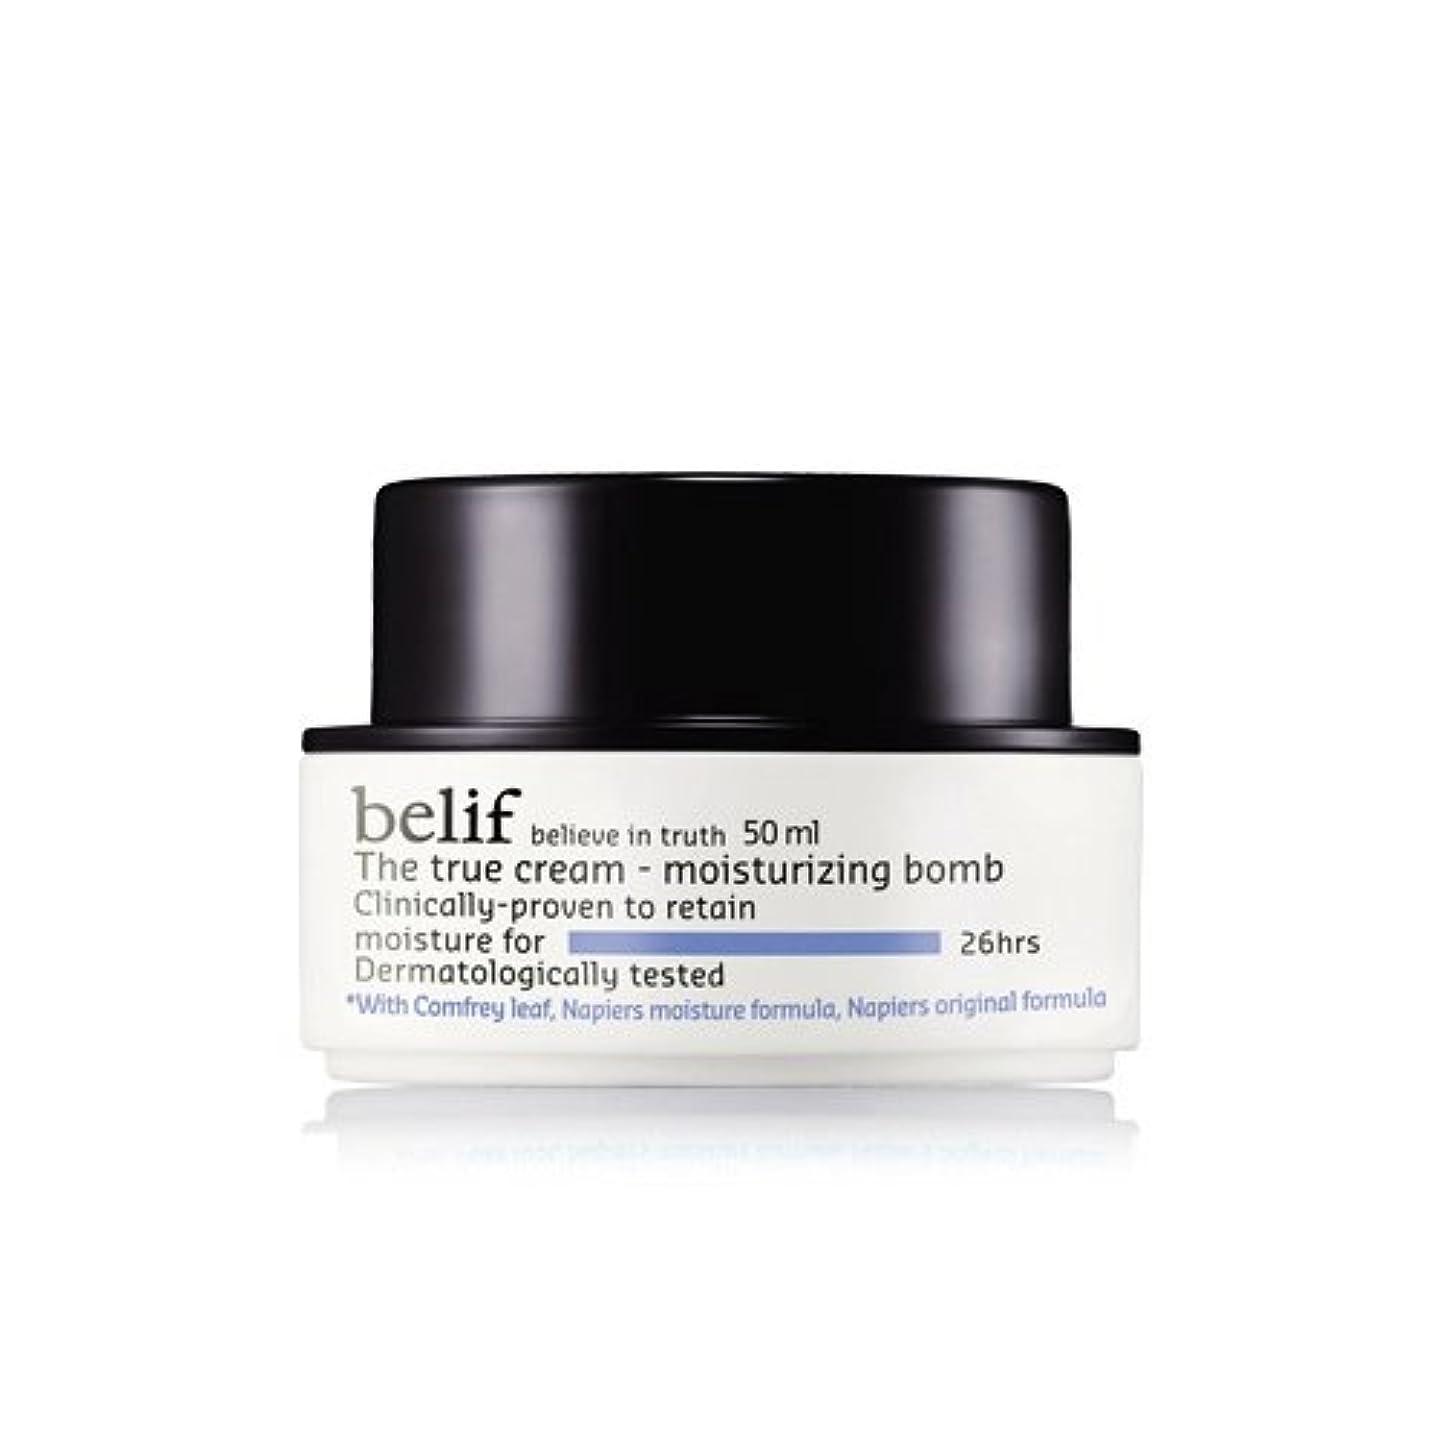 アブストラクト寸前物質『belif The true cream-moisturizing bomb 50ml』 ビリーフ 水分爆弾クリーム50ml 【福袋】